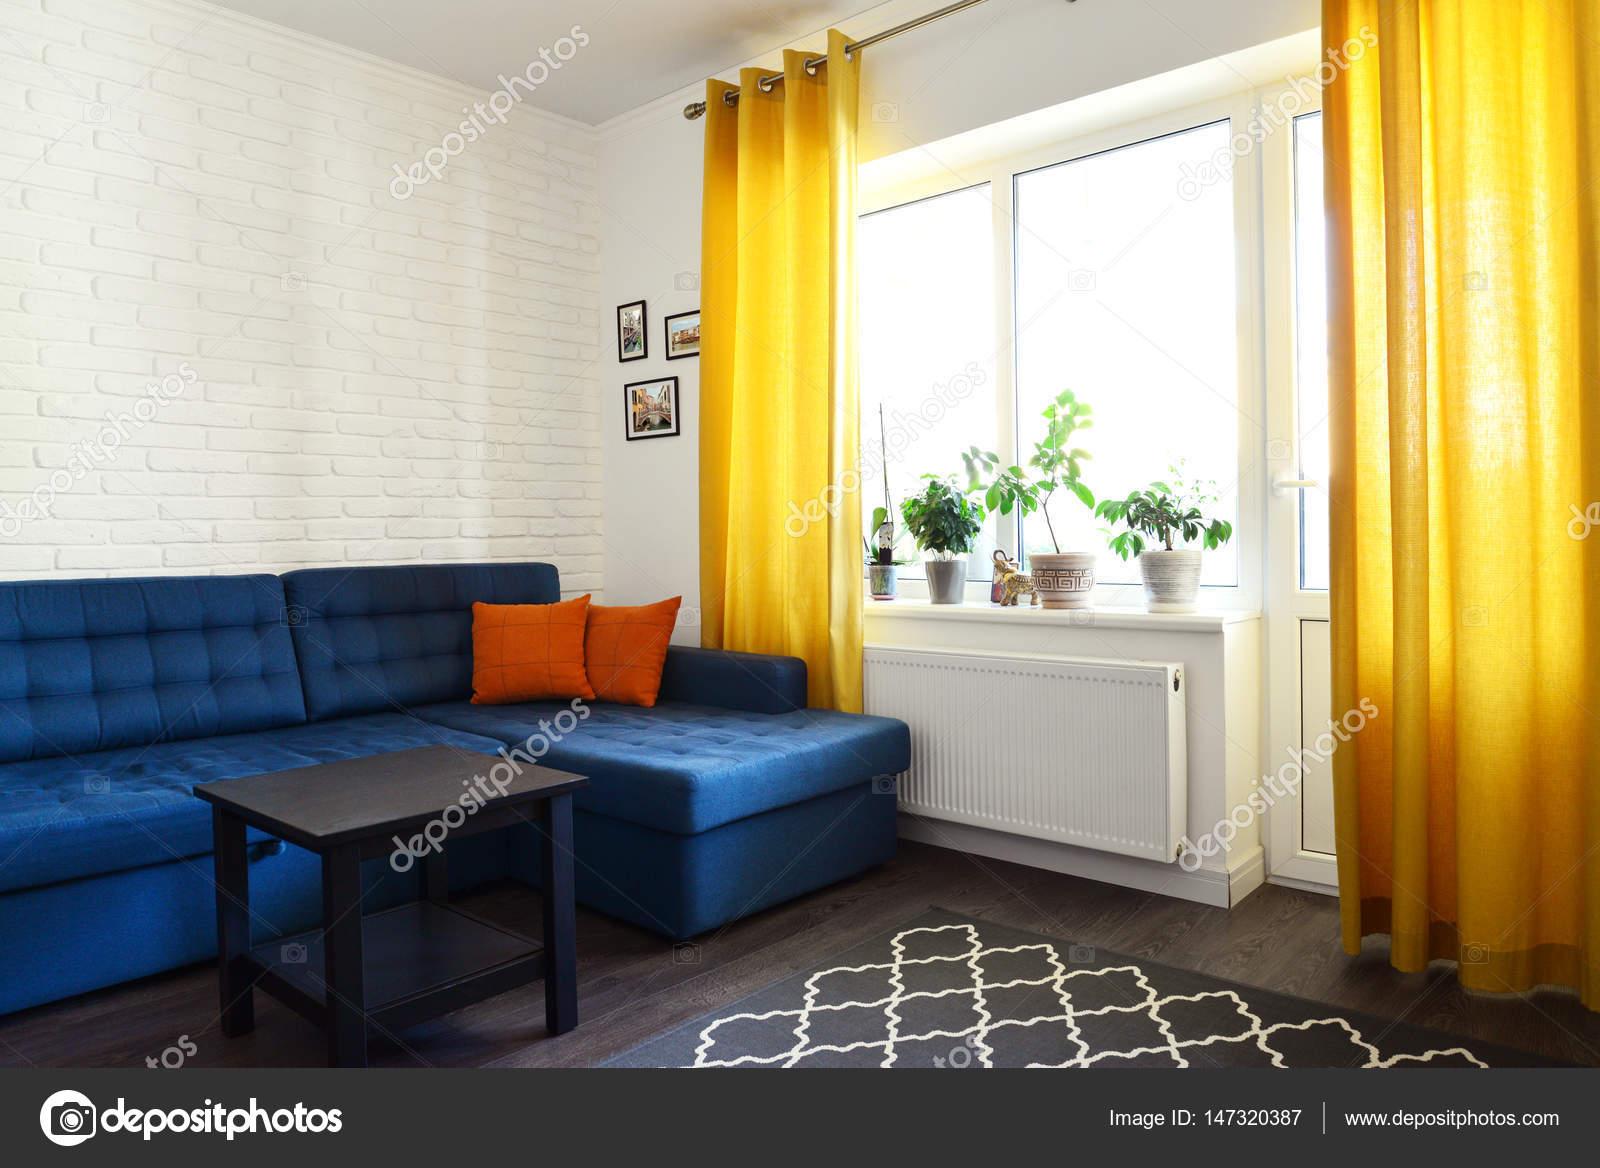 Saubere Familienzimmer Mit Blaue Couch Stockfoto C Tashka2000